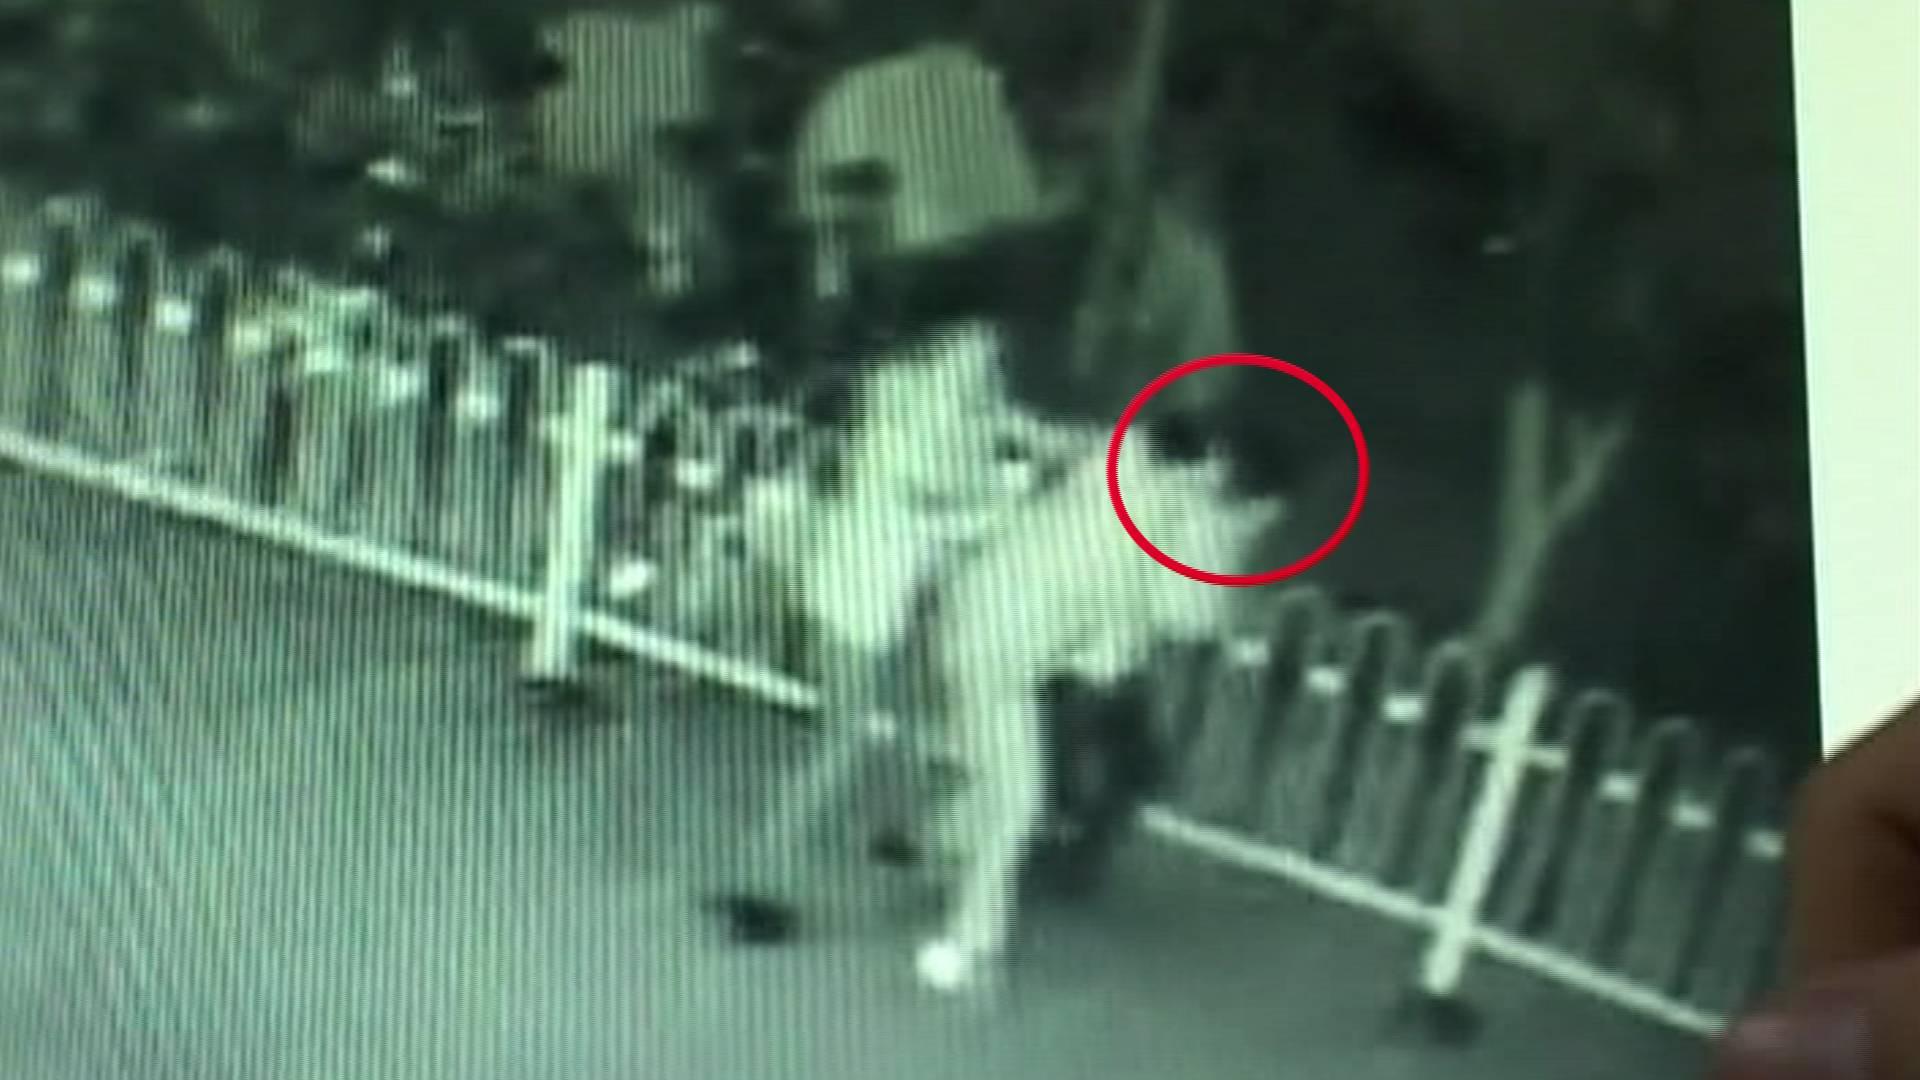 68秒丨淄博小贼偷盗外卖30多次 被民警和外卖小哥围堵抓获